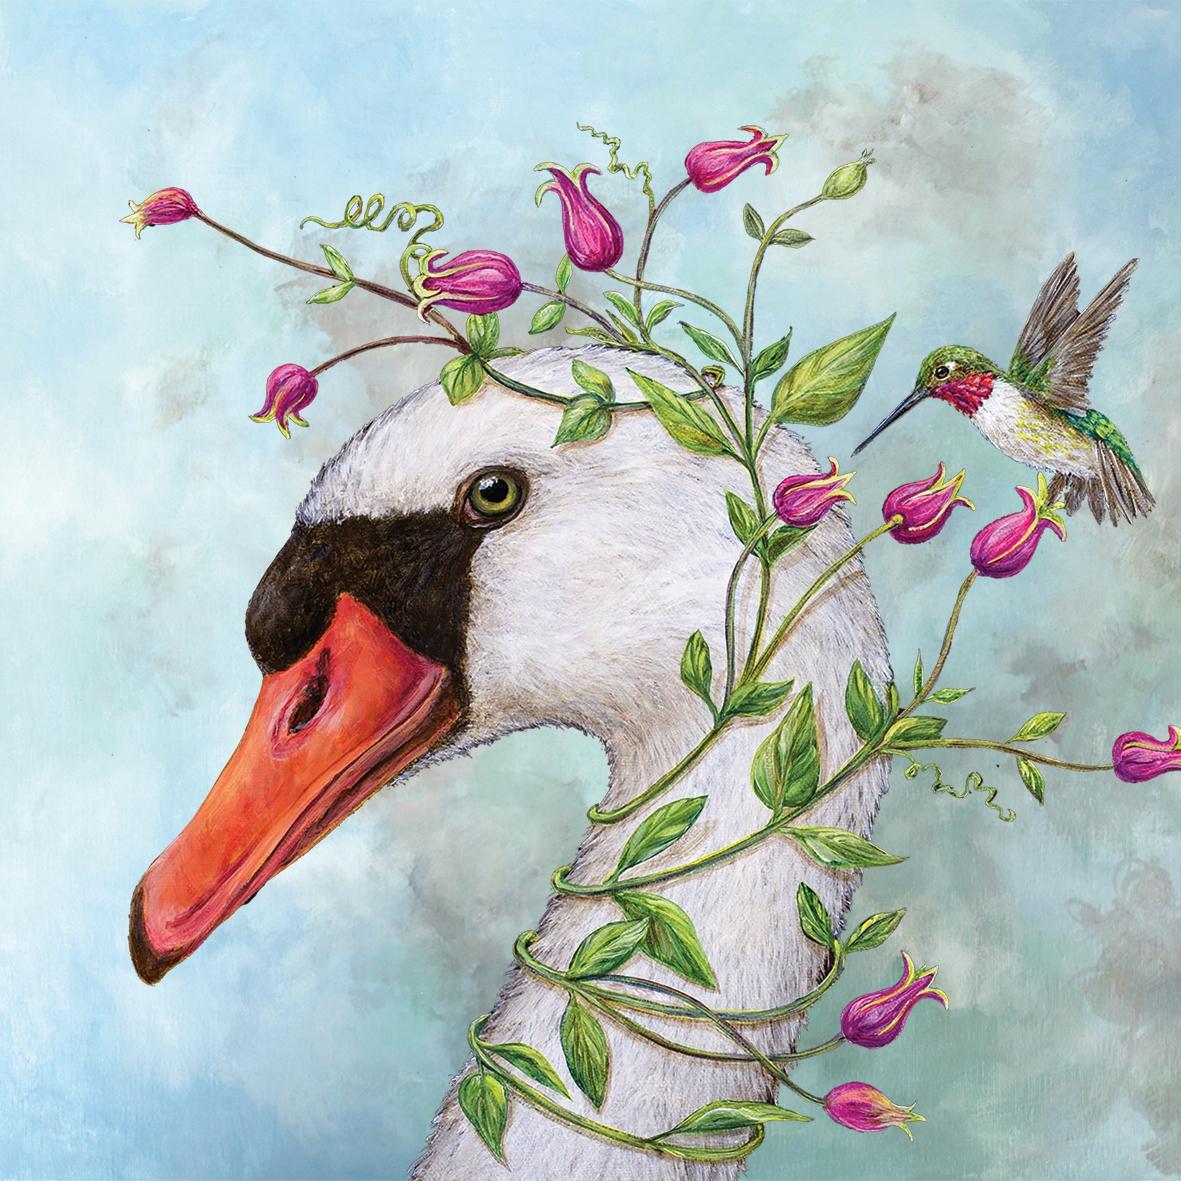 Cocktail Servietten Iris & Stanley 25x25  cm,  Blumen -  Sonstige,  Tiere - Vögel,  Everyday,  cocktail servietten,  Vögel,  Schwan,  Blumen